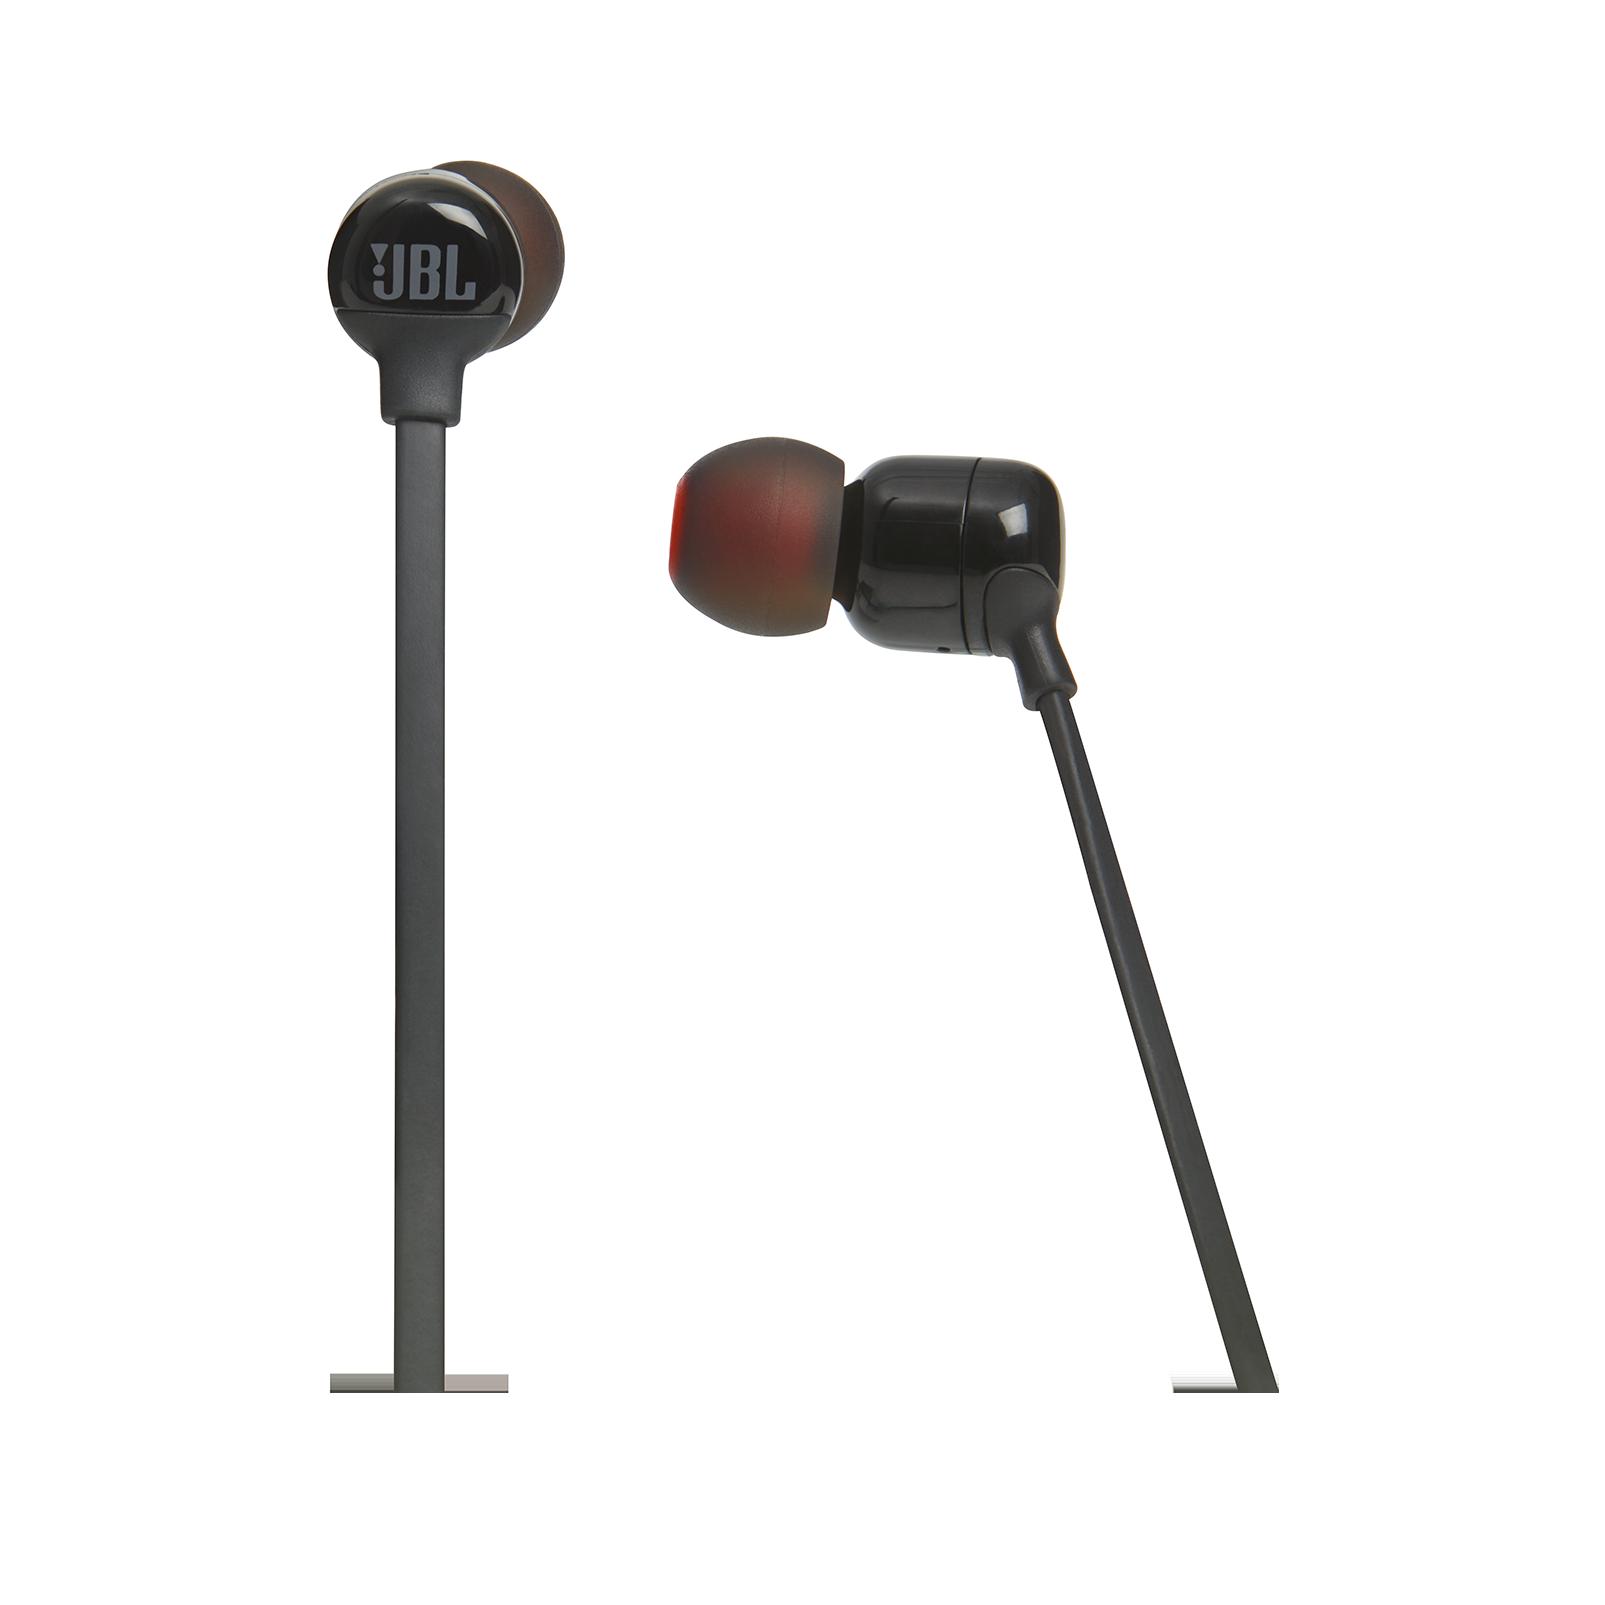 JBL TUNE 160BT - Black - Wireless in-ear headphones - Detailshot 3